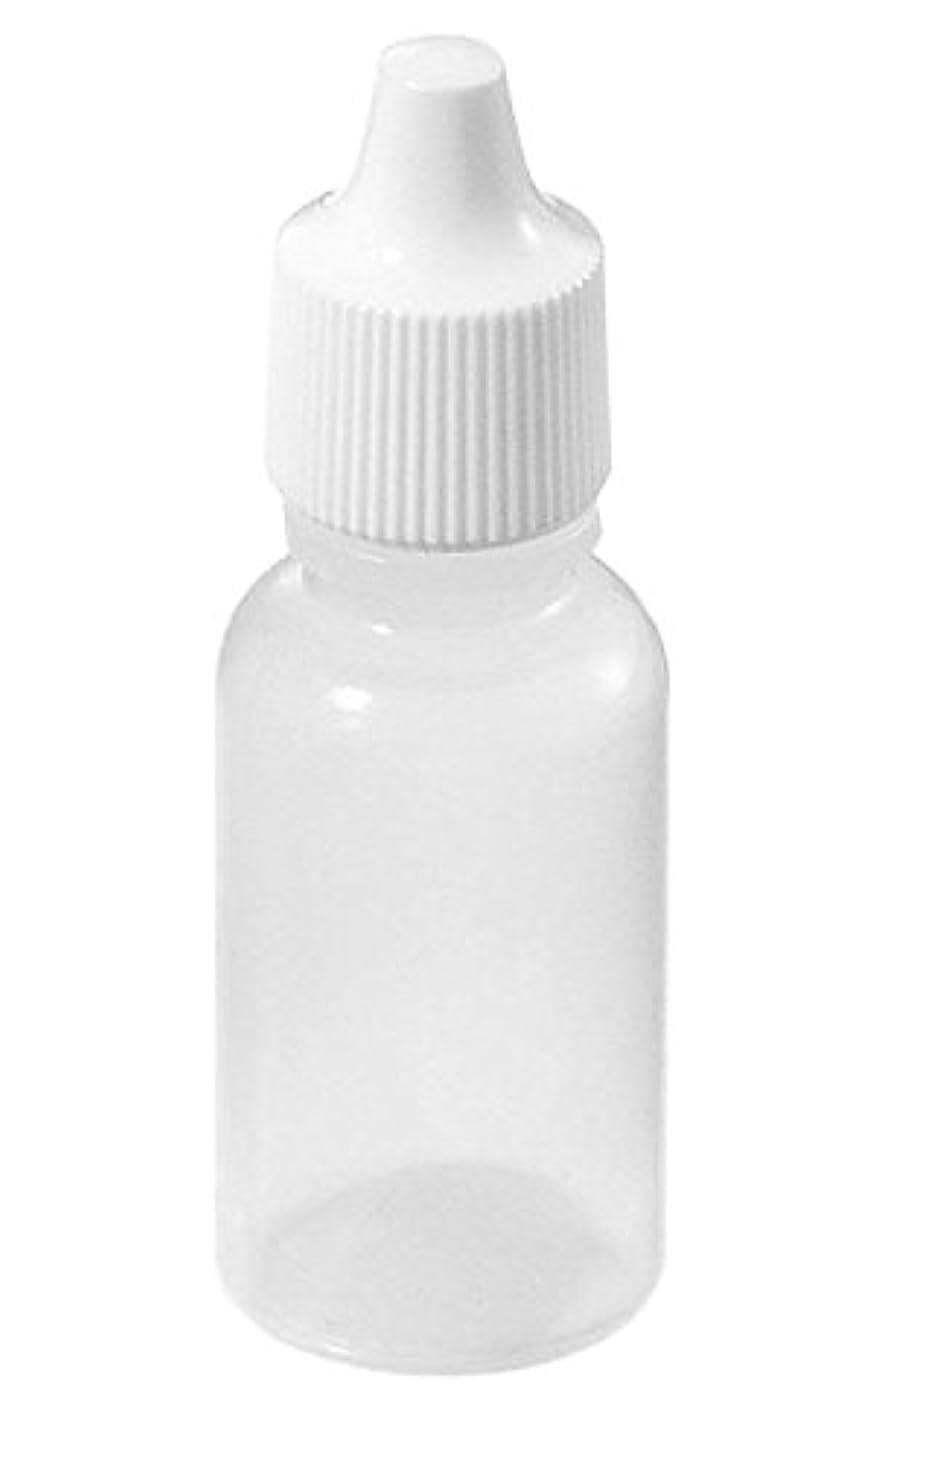 完全に乾くオプション咳BeautyCN 20個5ml/15ml/50ml 空の半透明の目薬ボトルローション溶剤軽油絵画アート電子タバコ容器詰め替え式ボトル (15ml)